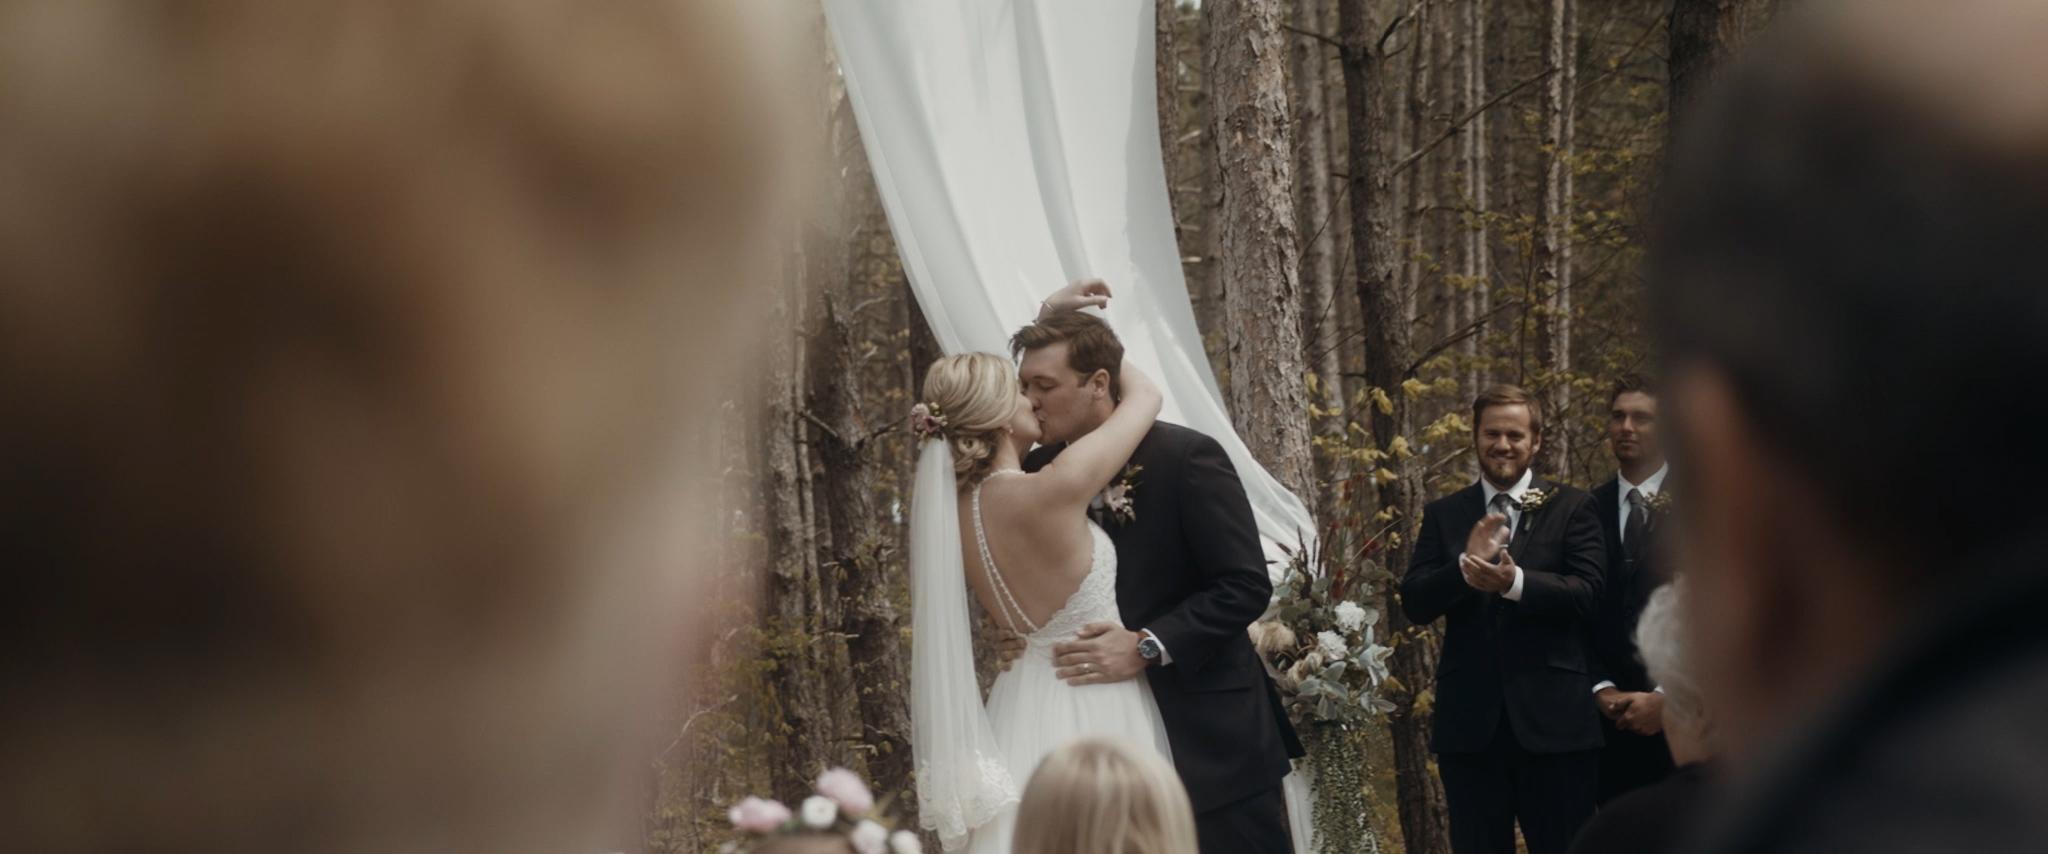 HAVENS_Wedding_Film.00_03_42_04.Still048.jpg